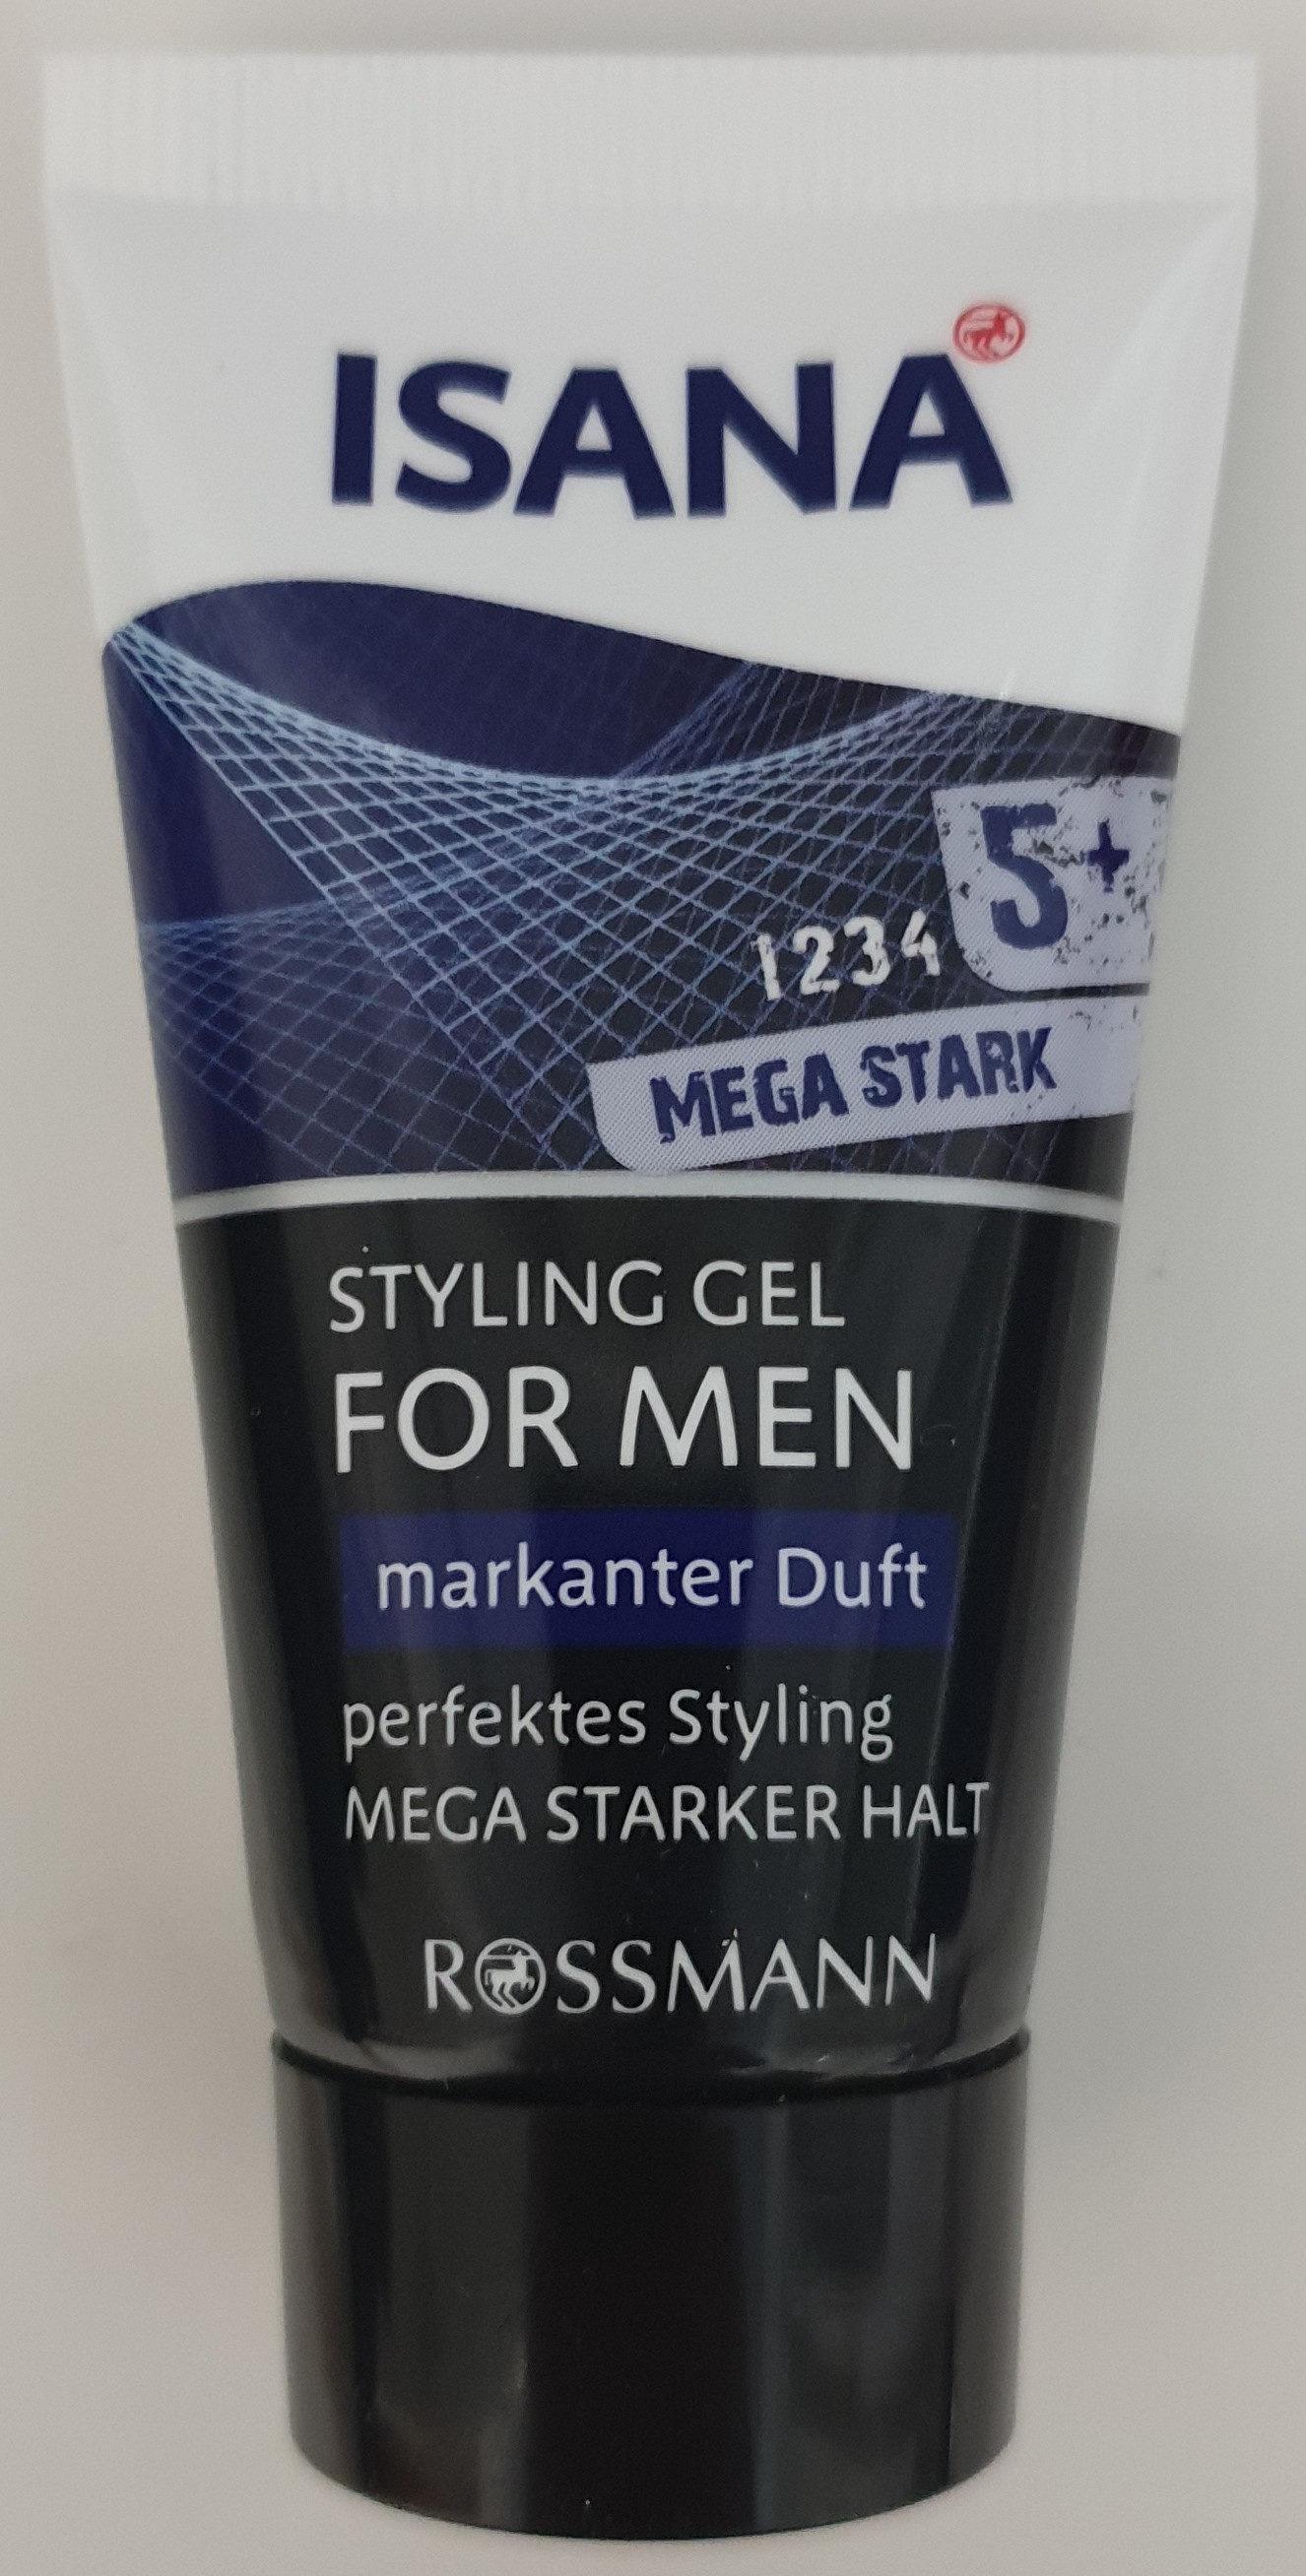 Styling Gel for men 5+ mega stark - Produit - de